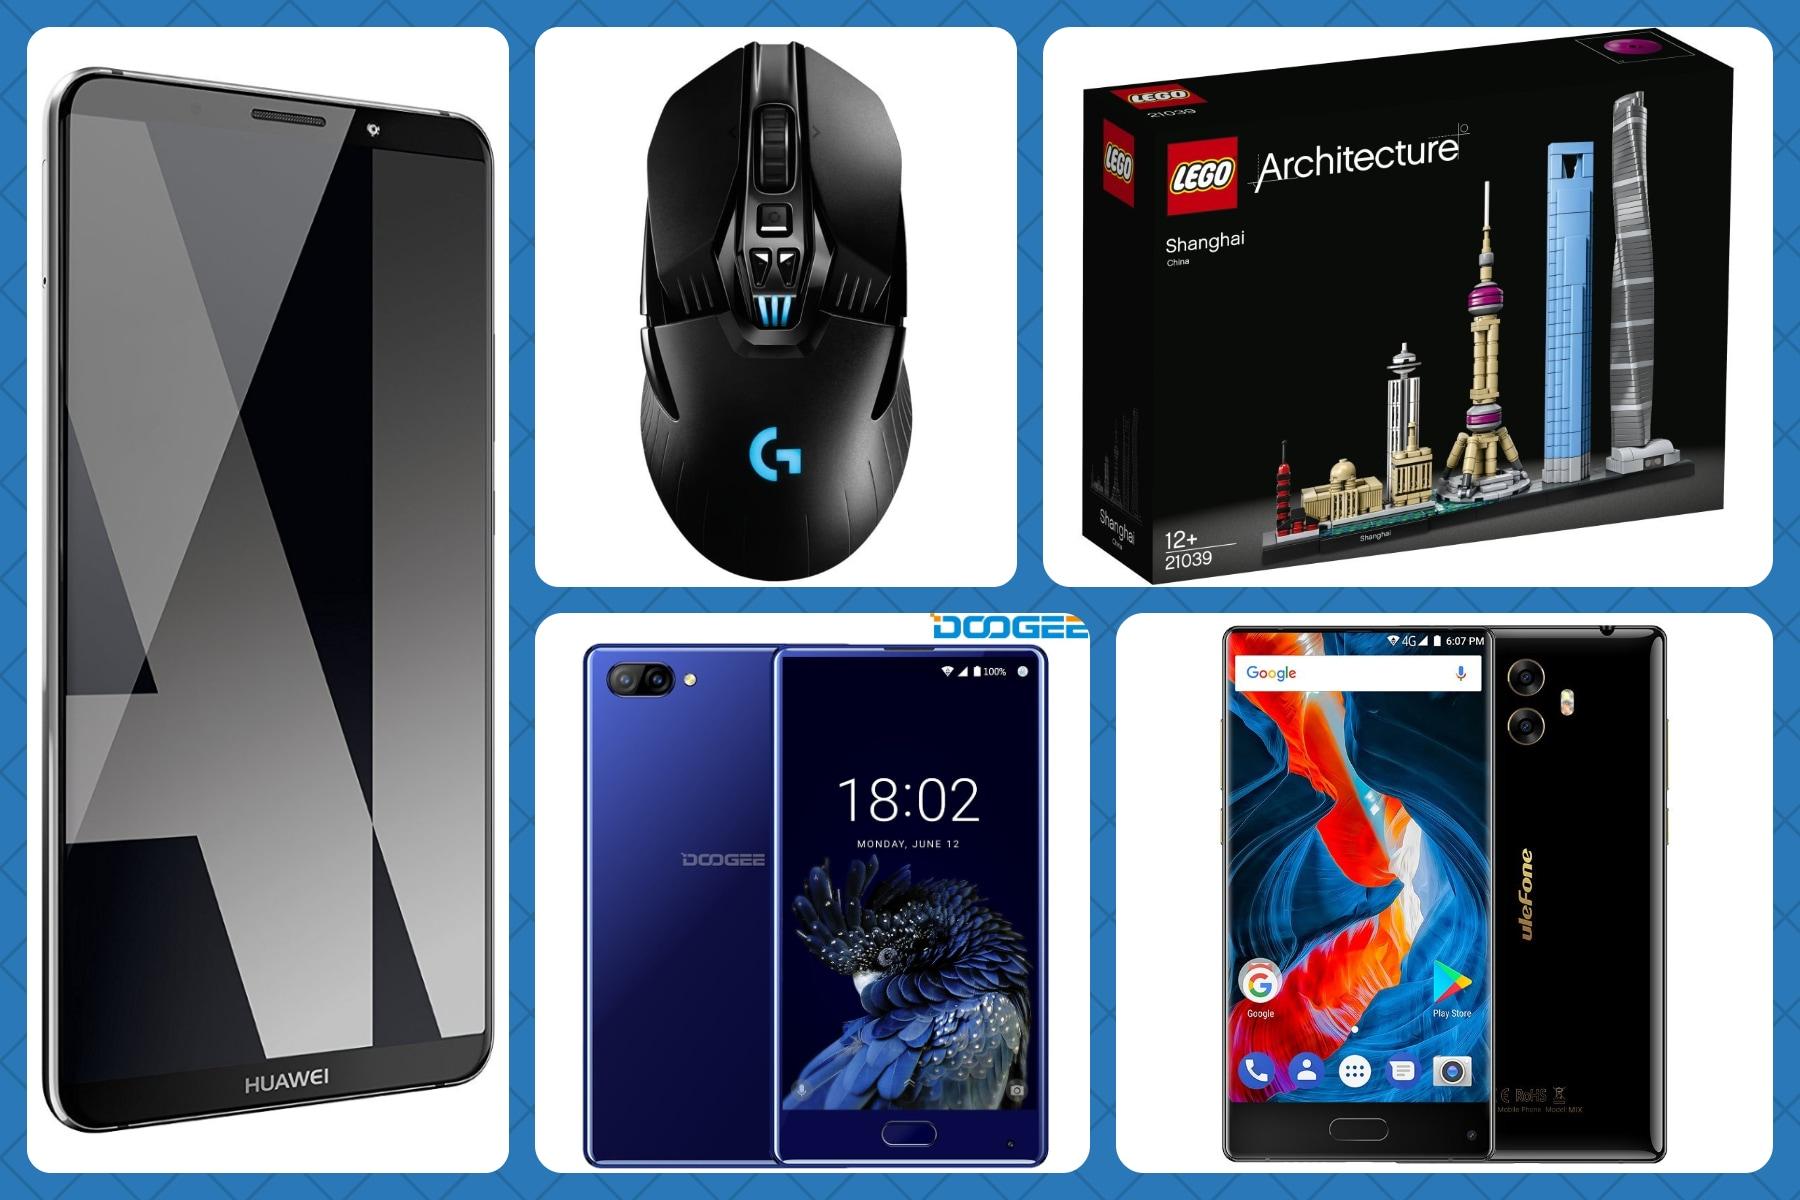 Huawei Mate 10 Pro a meno di 680€, mouse gaming, cinafonini e cuffie in offerta su Amazon! - image migliori-offerte-amazon-18-gennaio-2018 on http://www.zxbyte.com